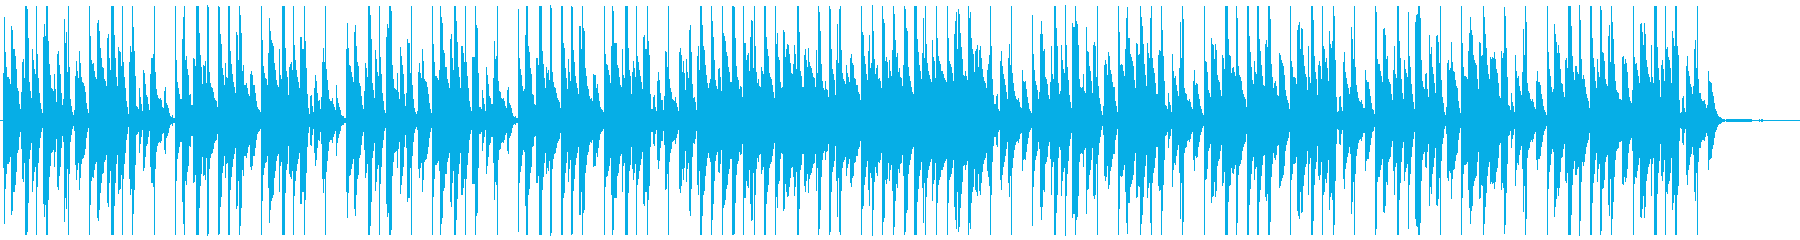 明るくほのぼのジャズテイストなピアノ曲の再生済みの波形